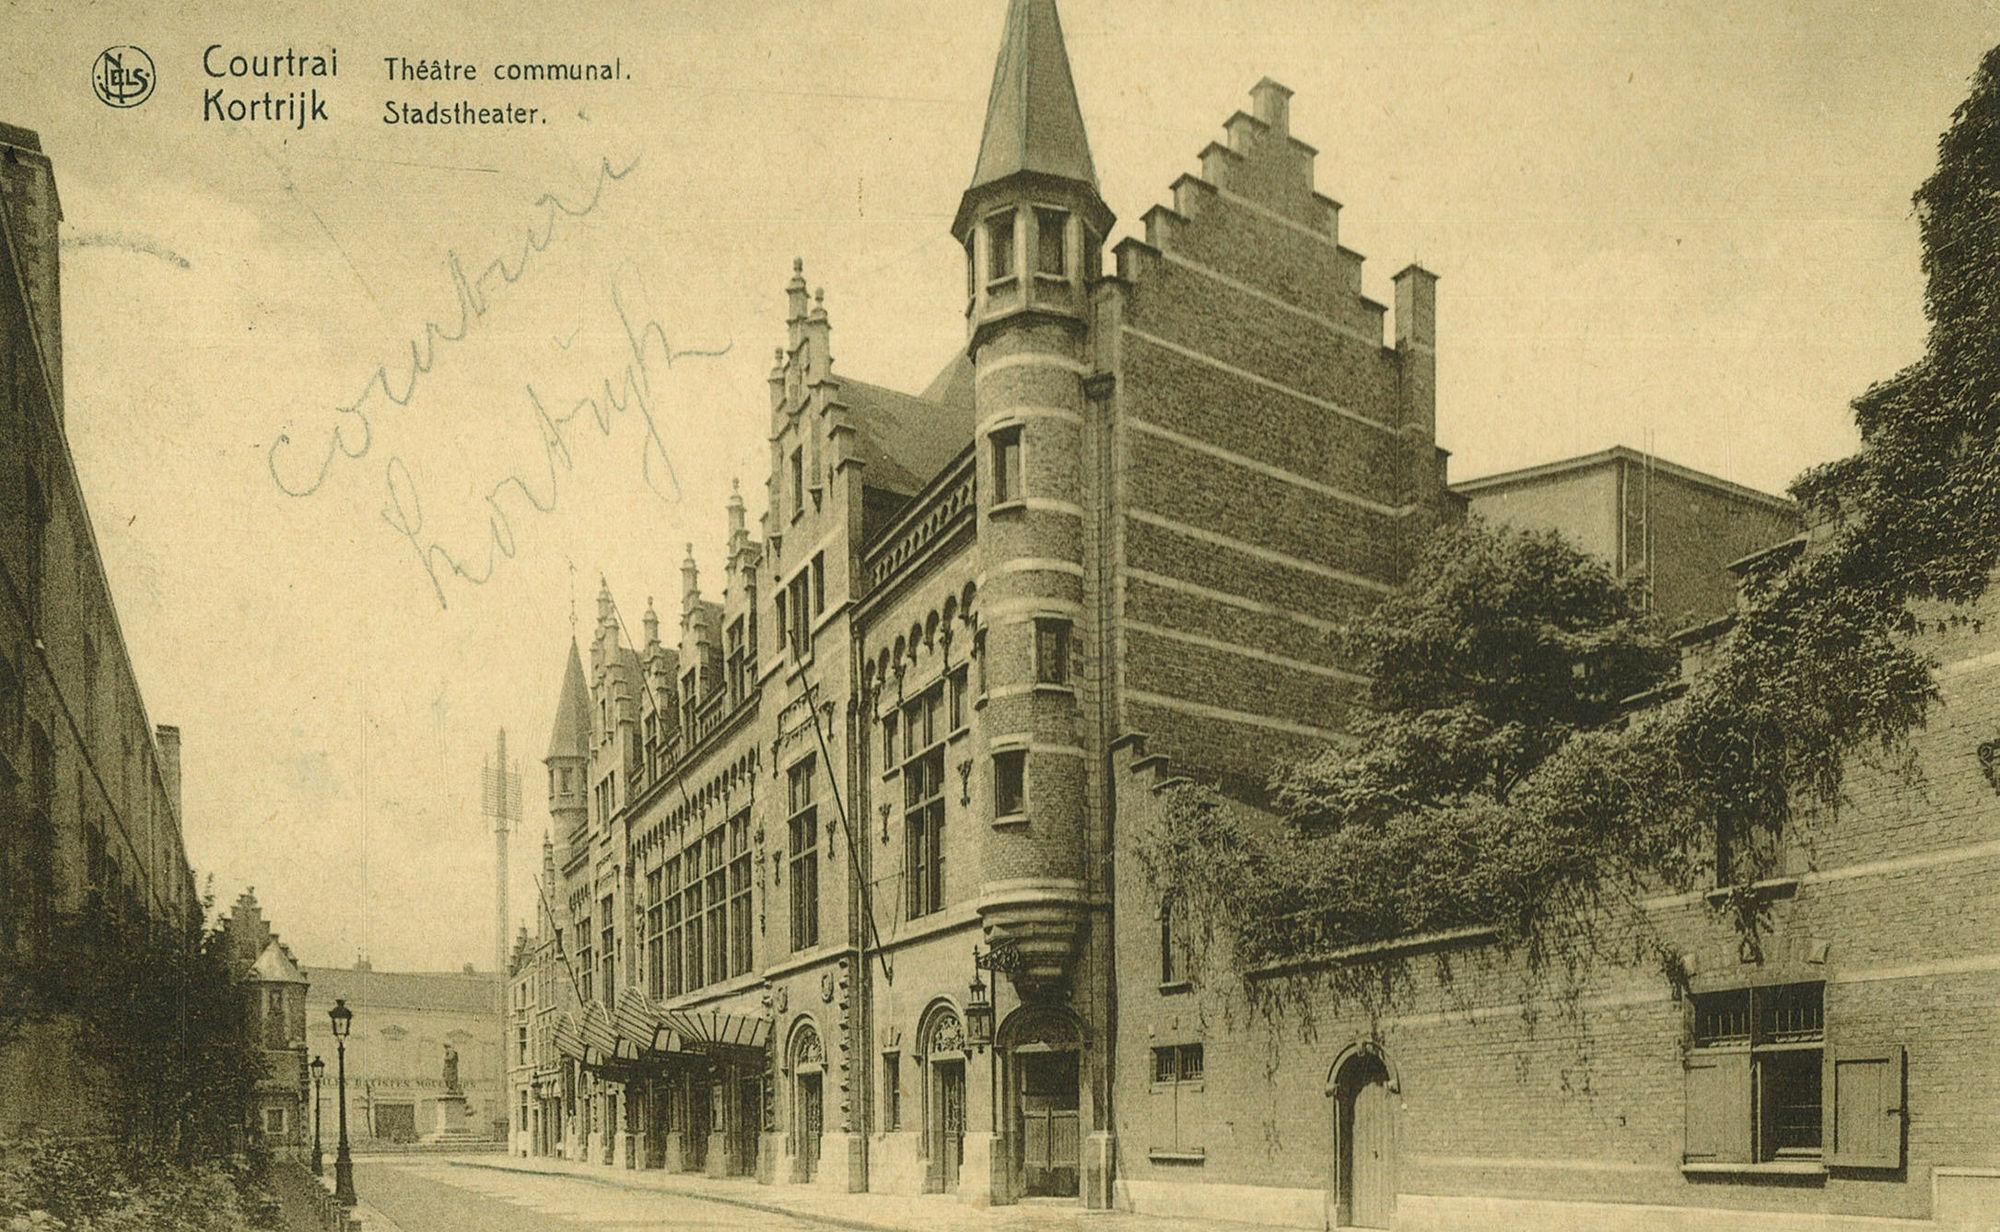 Kortrijk De Schouwburg en de Grote Hallen (Schouwburgplein)